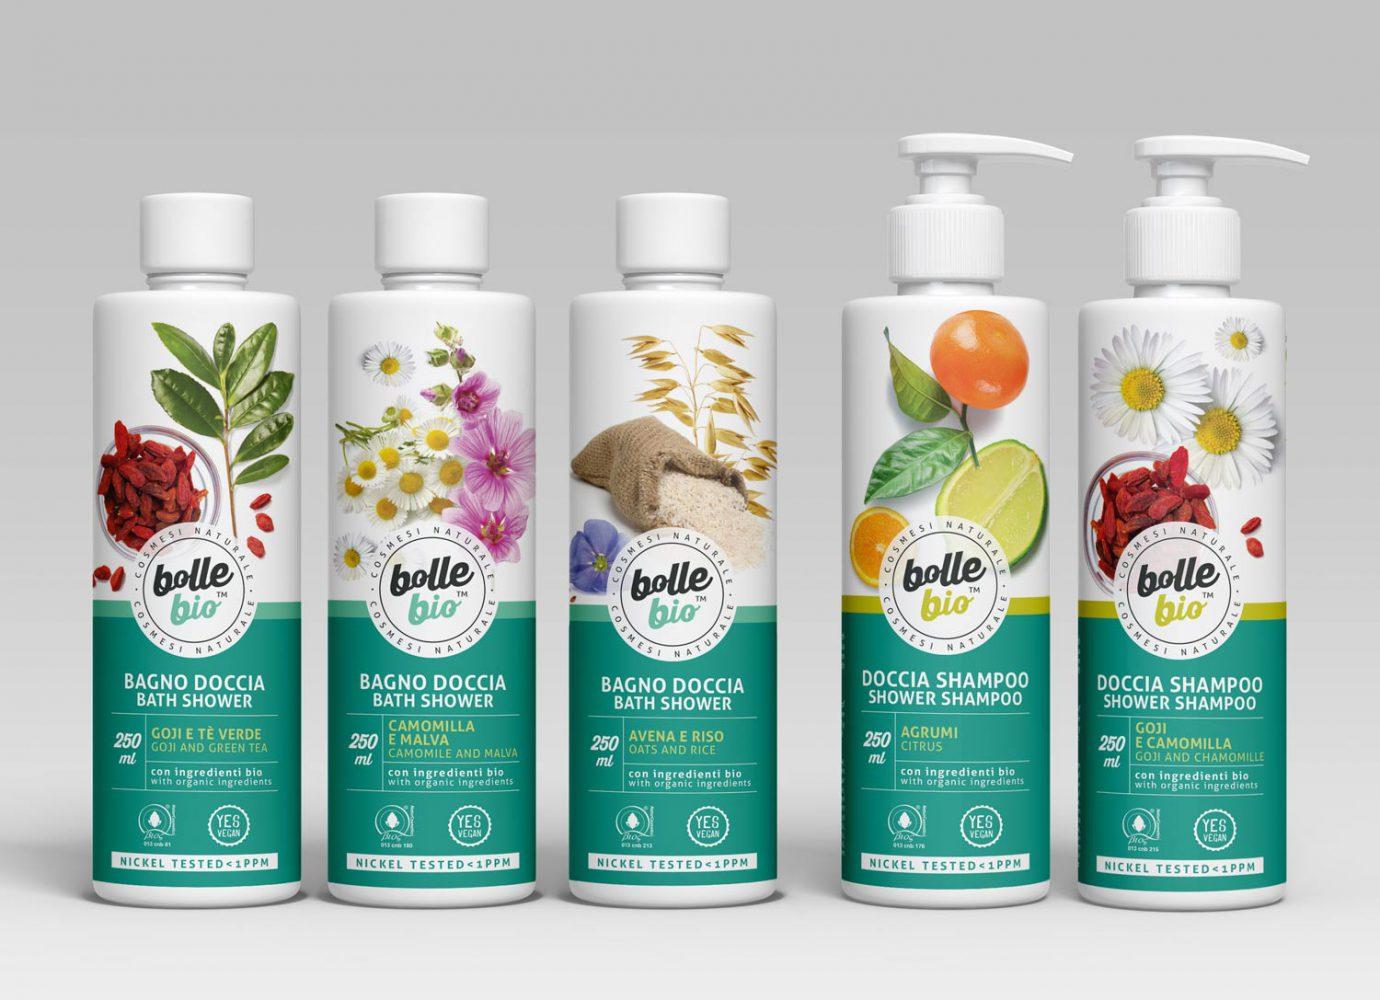 Packaging design di prodotti cosmetici naturali per millennial per la detergenza del corpo realizzato da WillBe